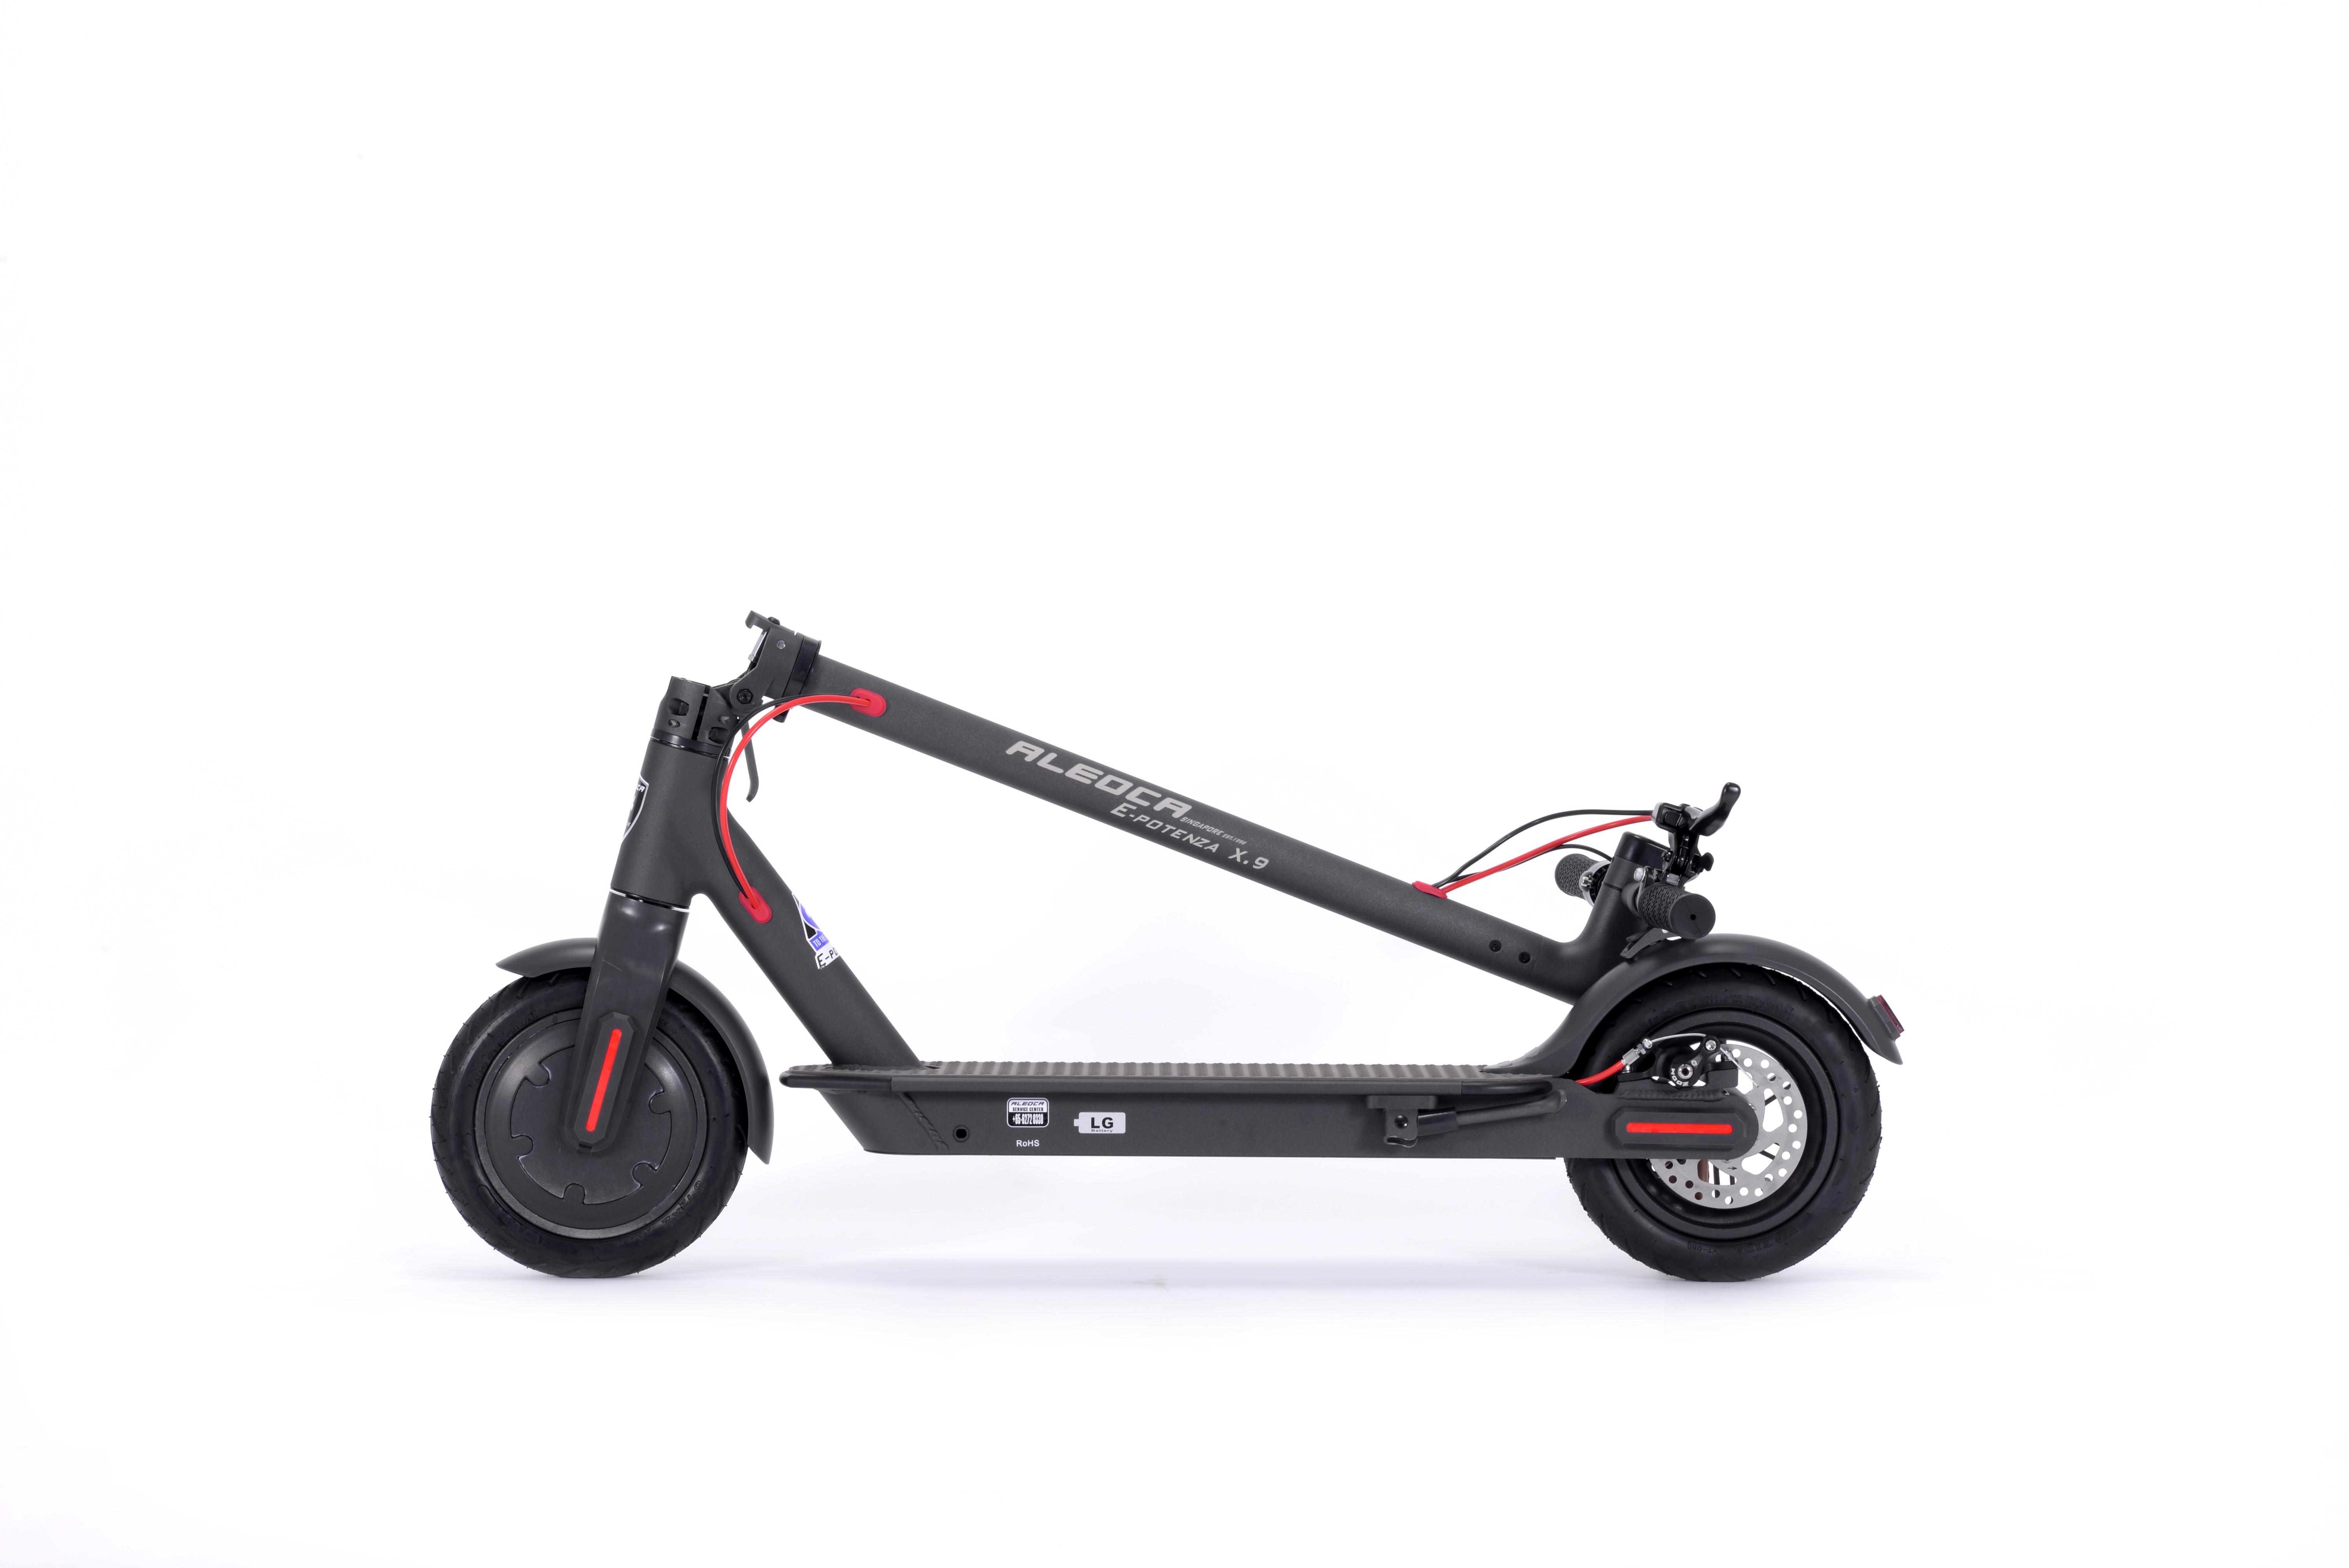 Aleoca E Potenza 8 Electric Scooter X 9 Black Aleoca